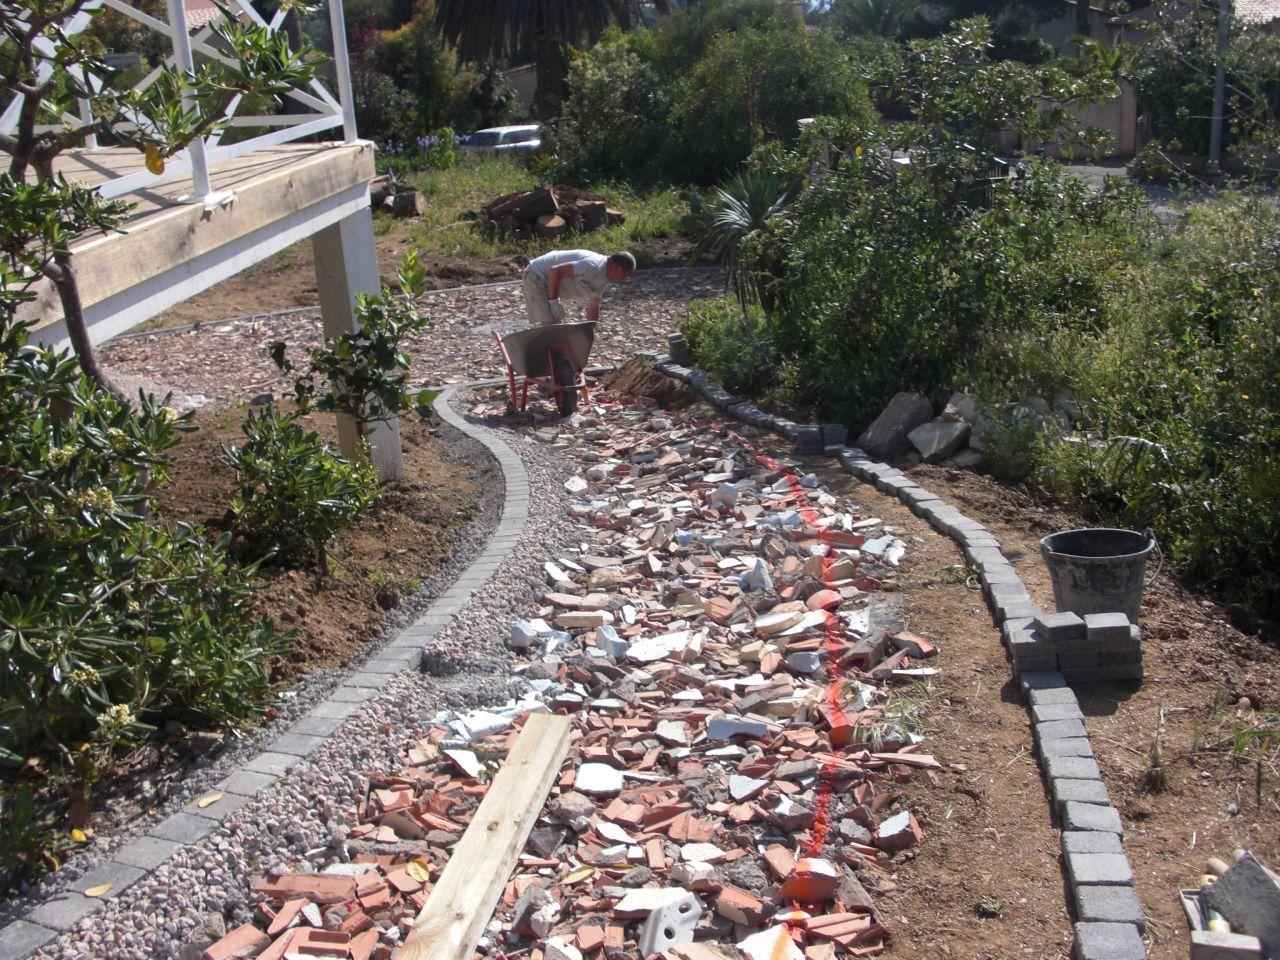 Comment Enlever Ciment Sur Pavés beton sec et pose de pave beton circulable - 14 messages